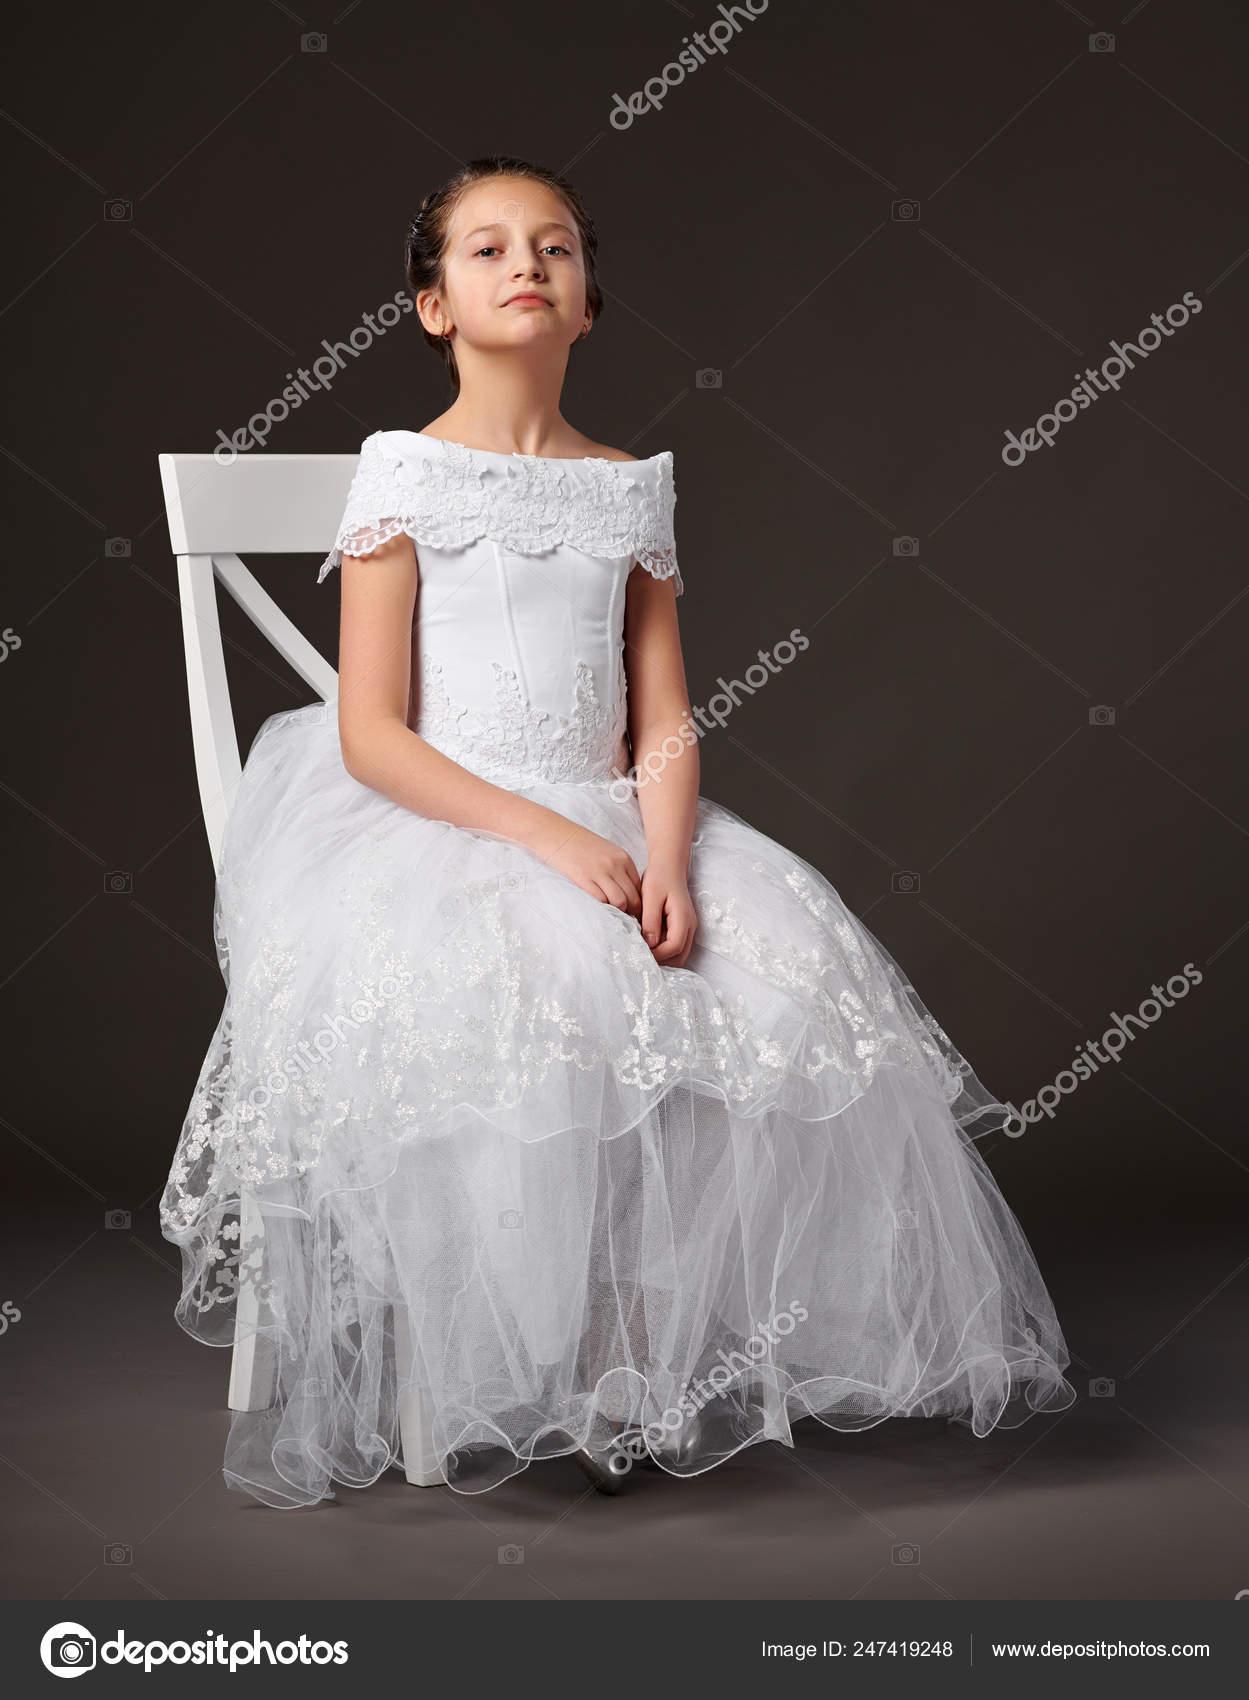 a1af09878 Niña Vestida Con Vestido Blanco Sentado Silla Fondo Oscuro — Foto de Stock